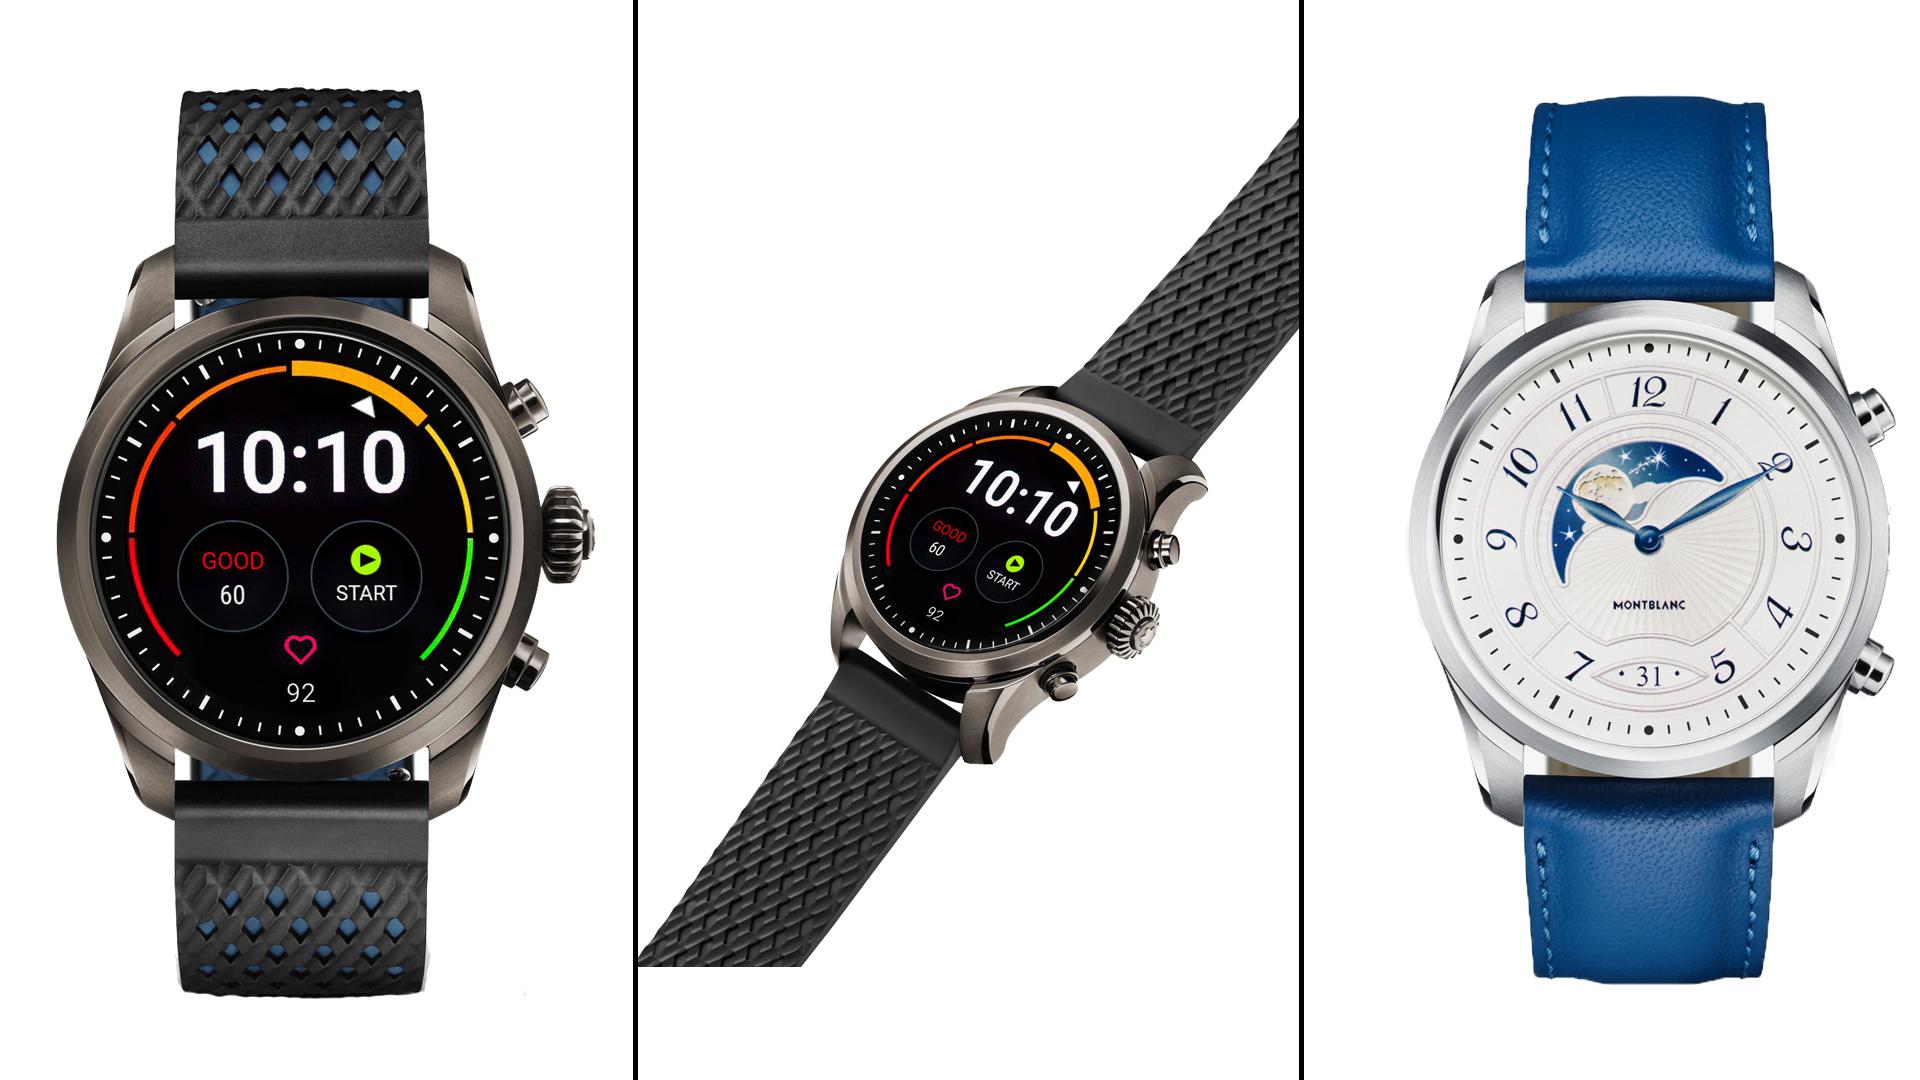 4d686039a4ee Summit 2 es el primer reloj inteligente de lujo que presenta un procesador  Snapdragon Wear 3100 de Qualcomm para ofrecer un rendimiento mejorado